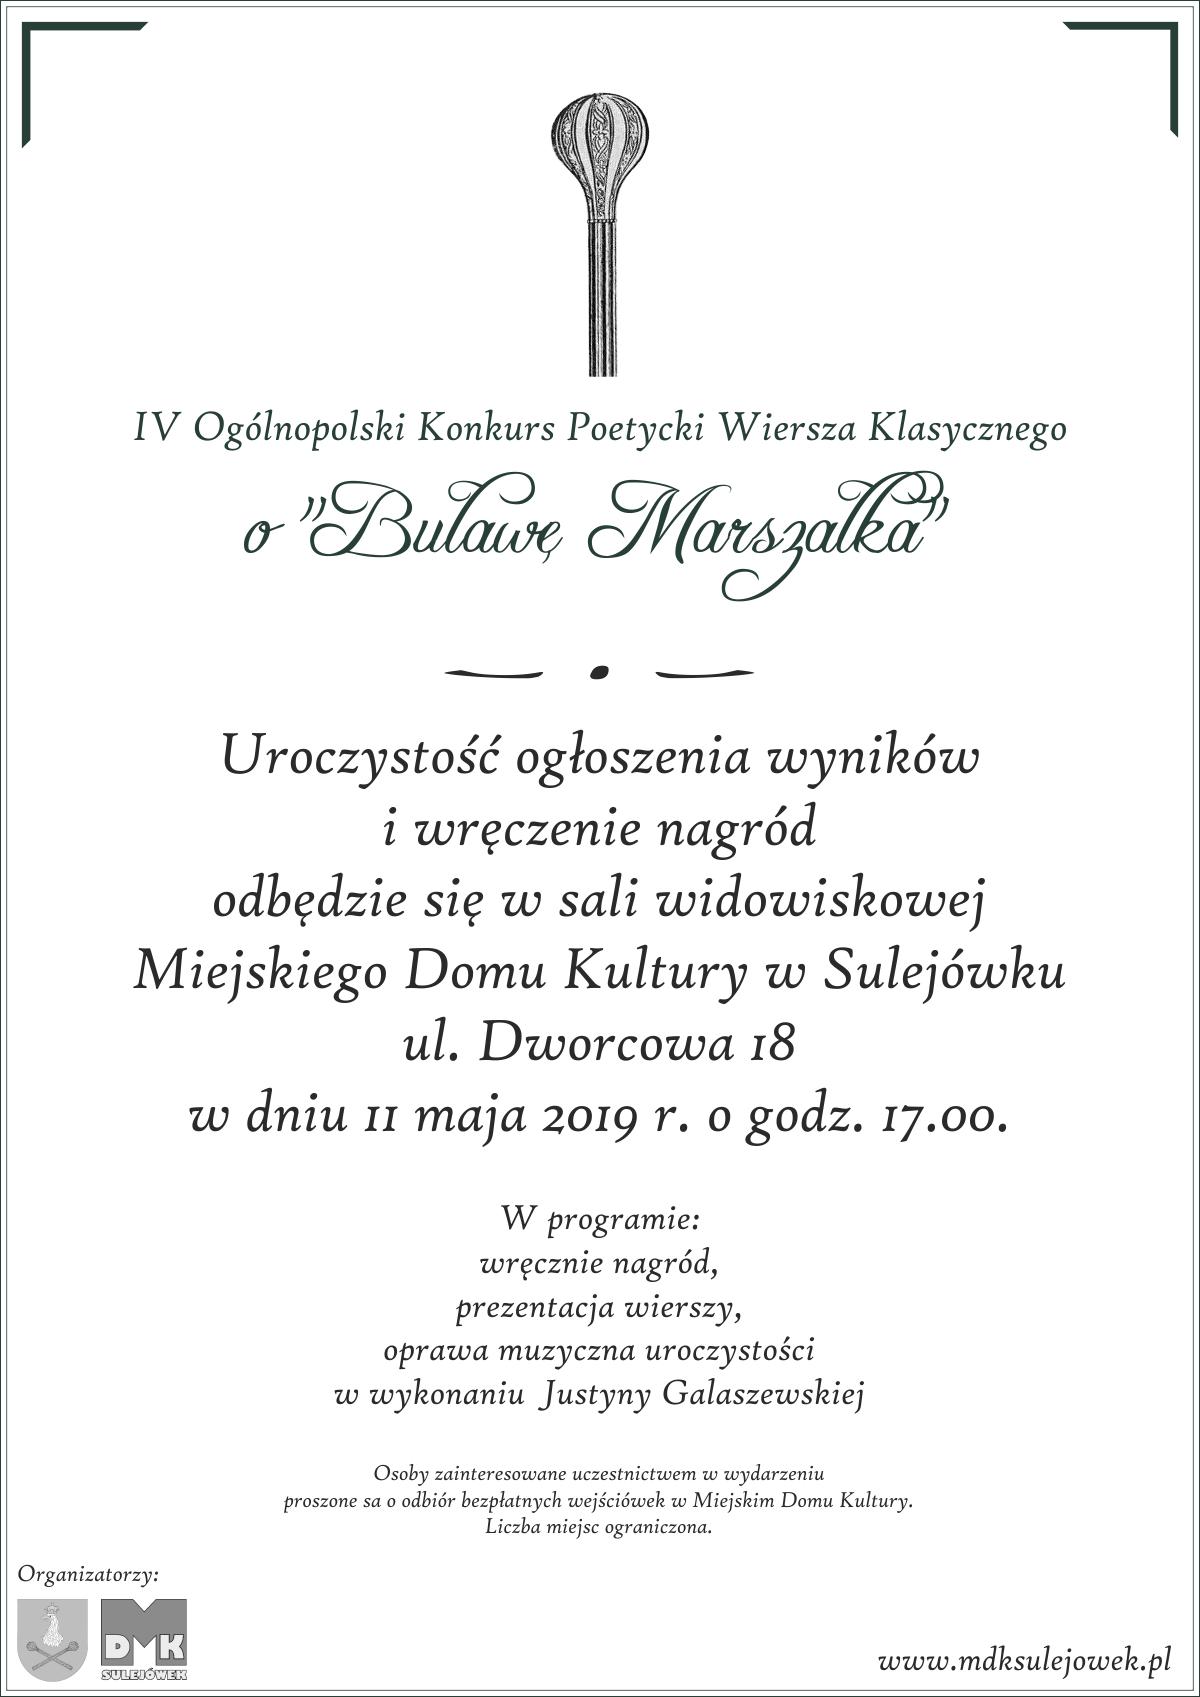 11052019 Iv Ogólnopolski Konkurs Poetycki Wiersza